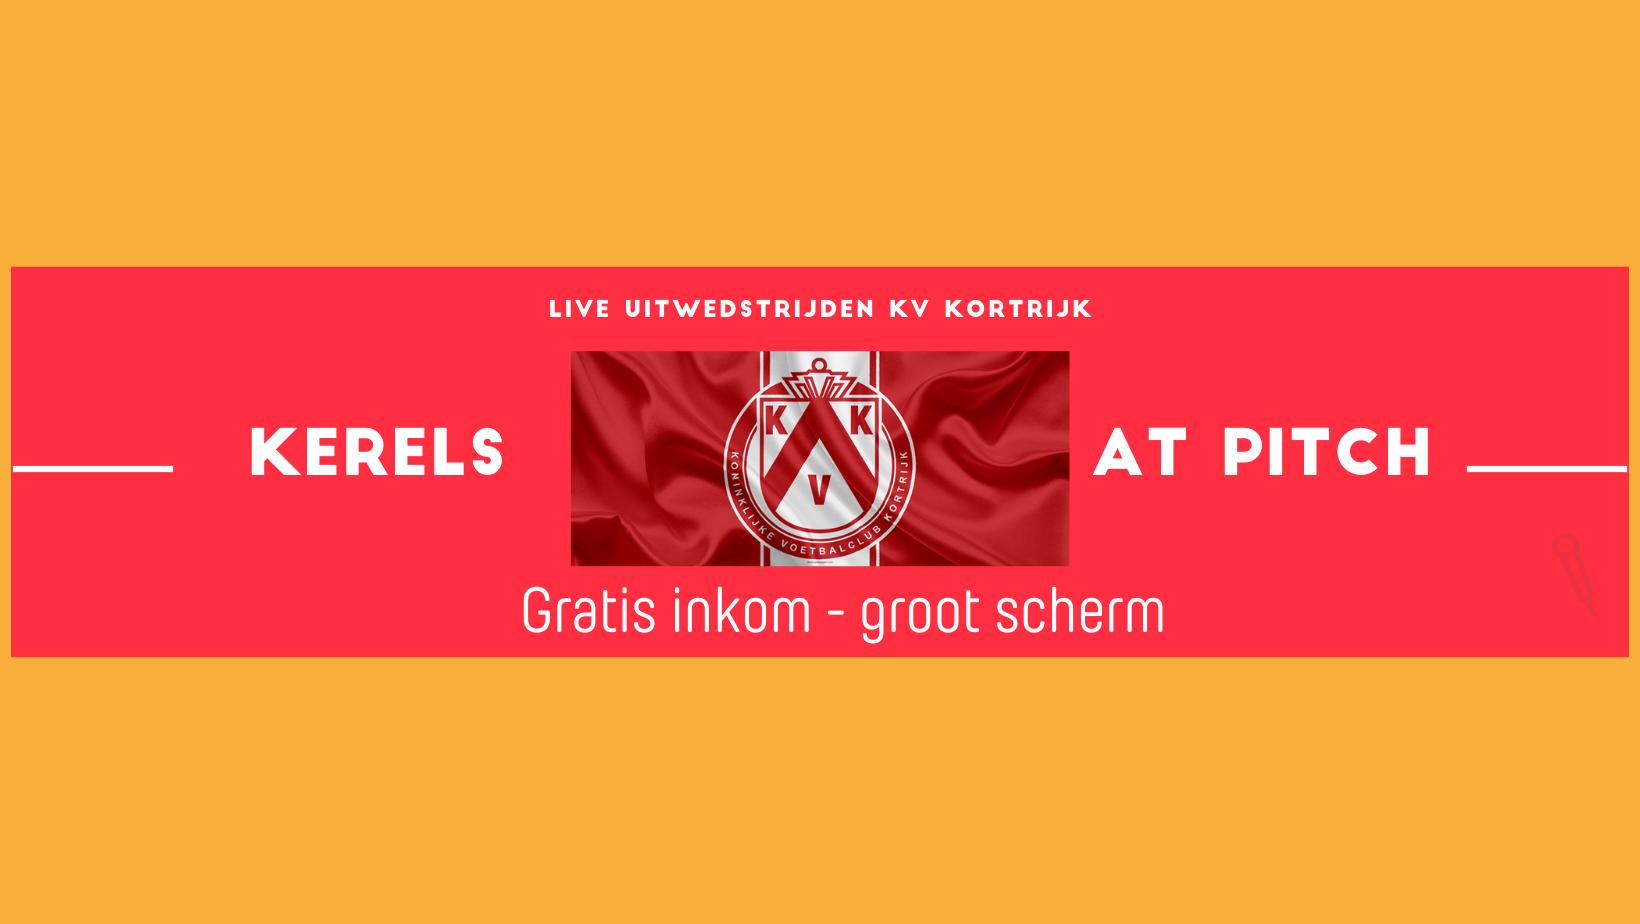 KV Kortrijk uitwedstrijden live in Pitch